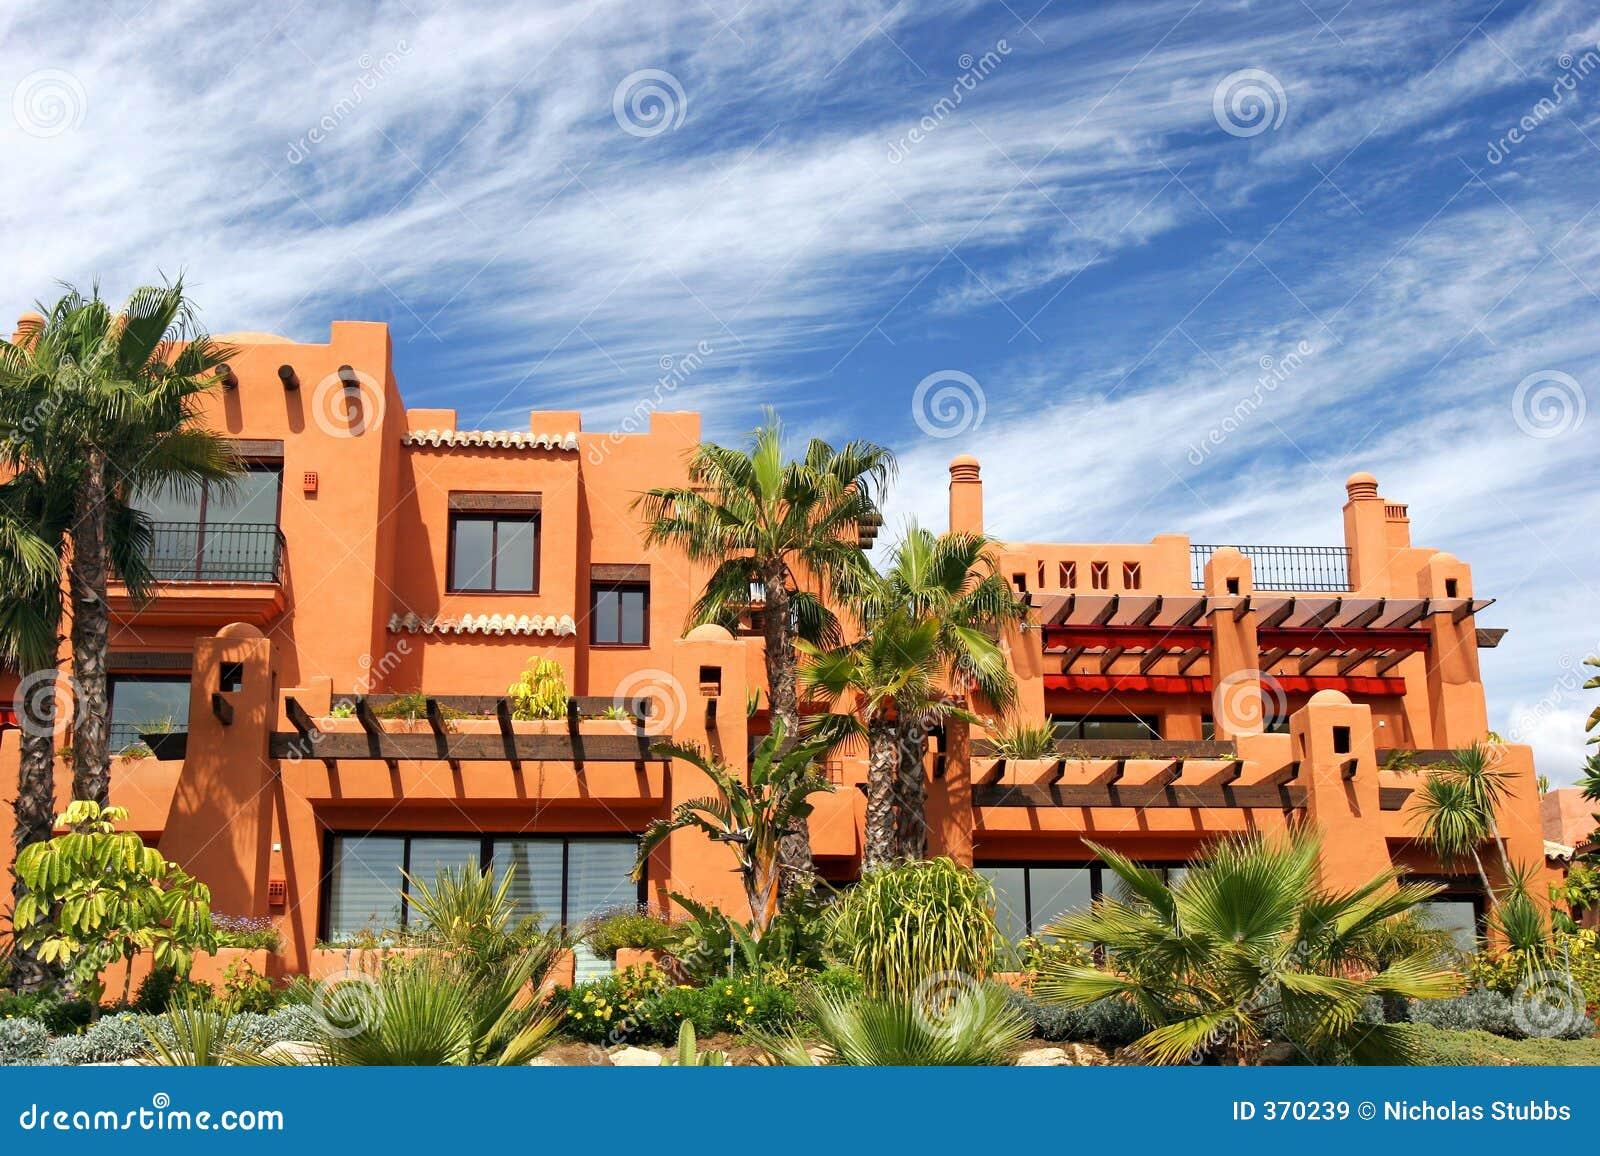 appartamenti e giardini di lusso su urbanizzazione in